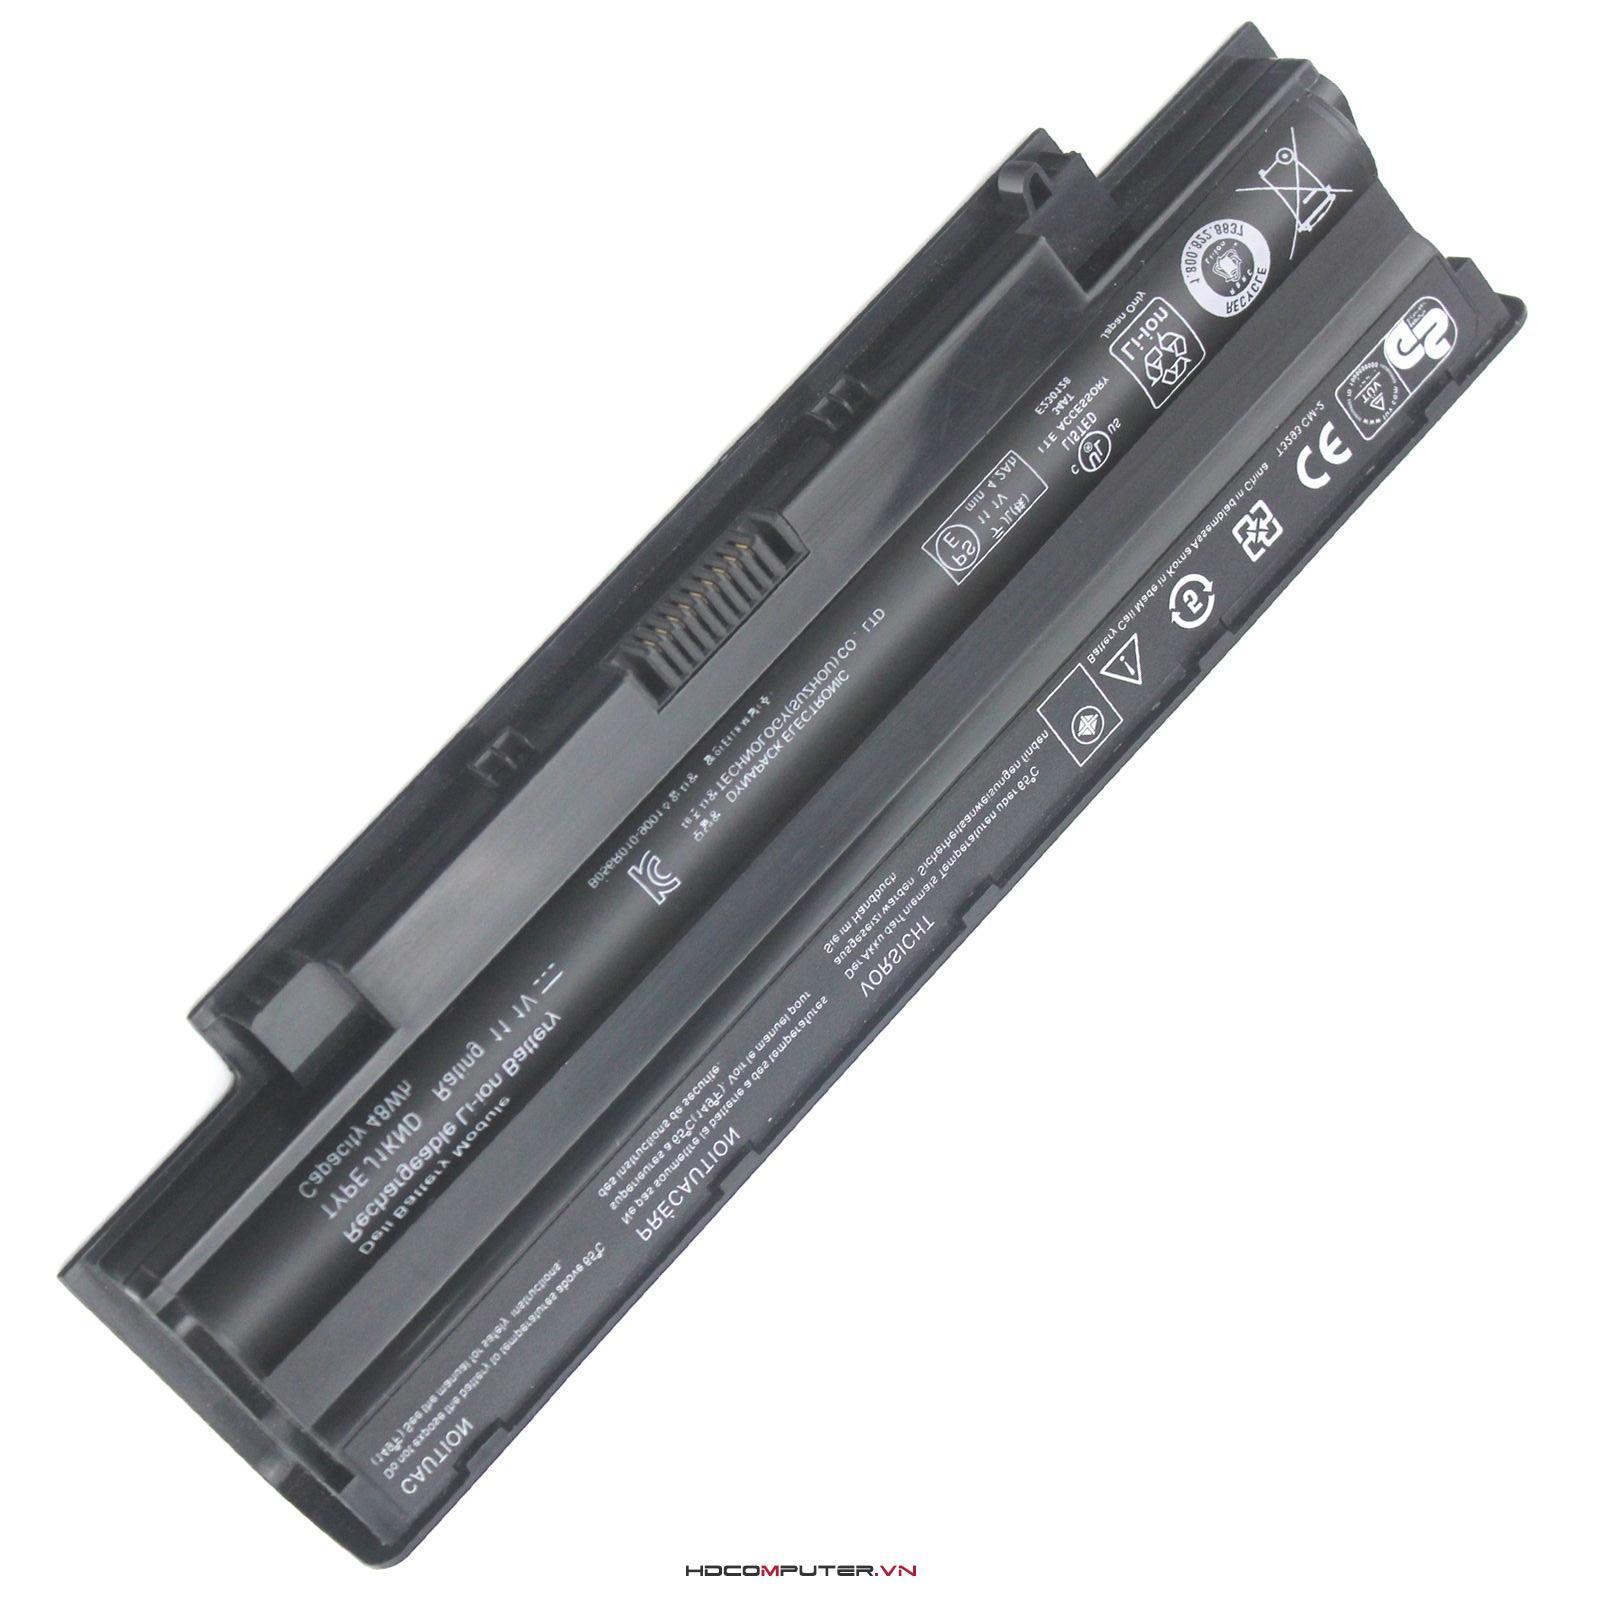 Pin laptop Vostro 3450, 3550, 3750, 1440, 1450 , Vostro 3750 (Zin )